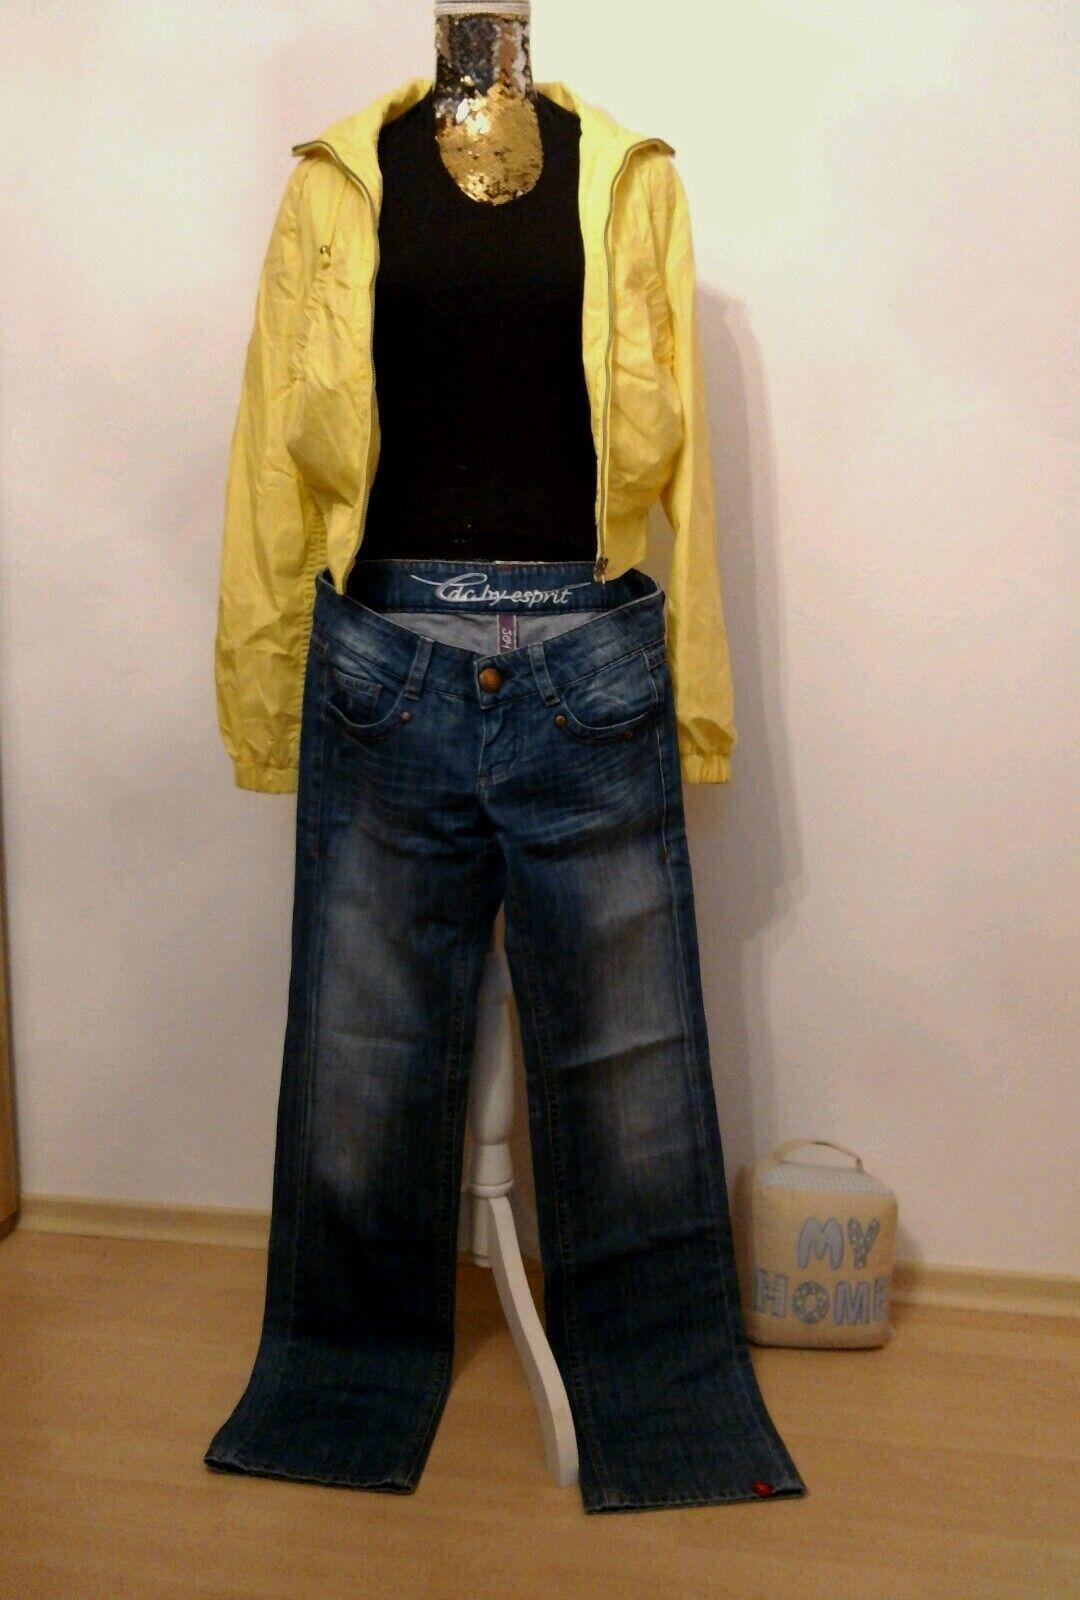 Bekleidungspaket Damen Esprit Jeans 26 34 mit Top gr. S und Jacke gr.38 von Amis